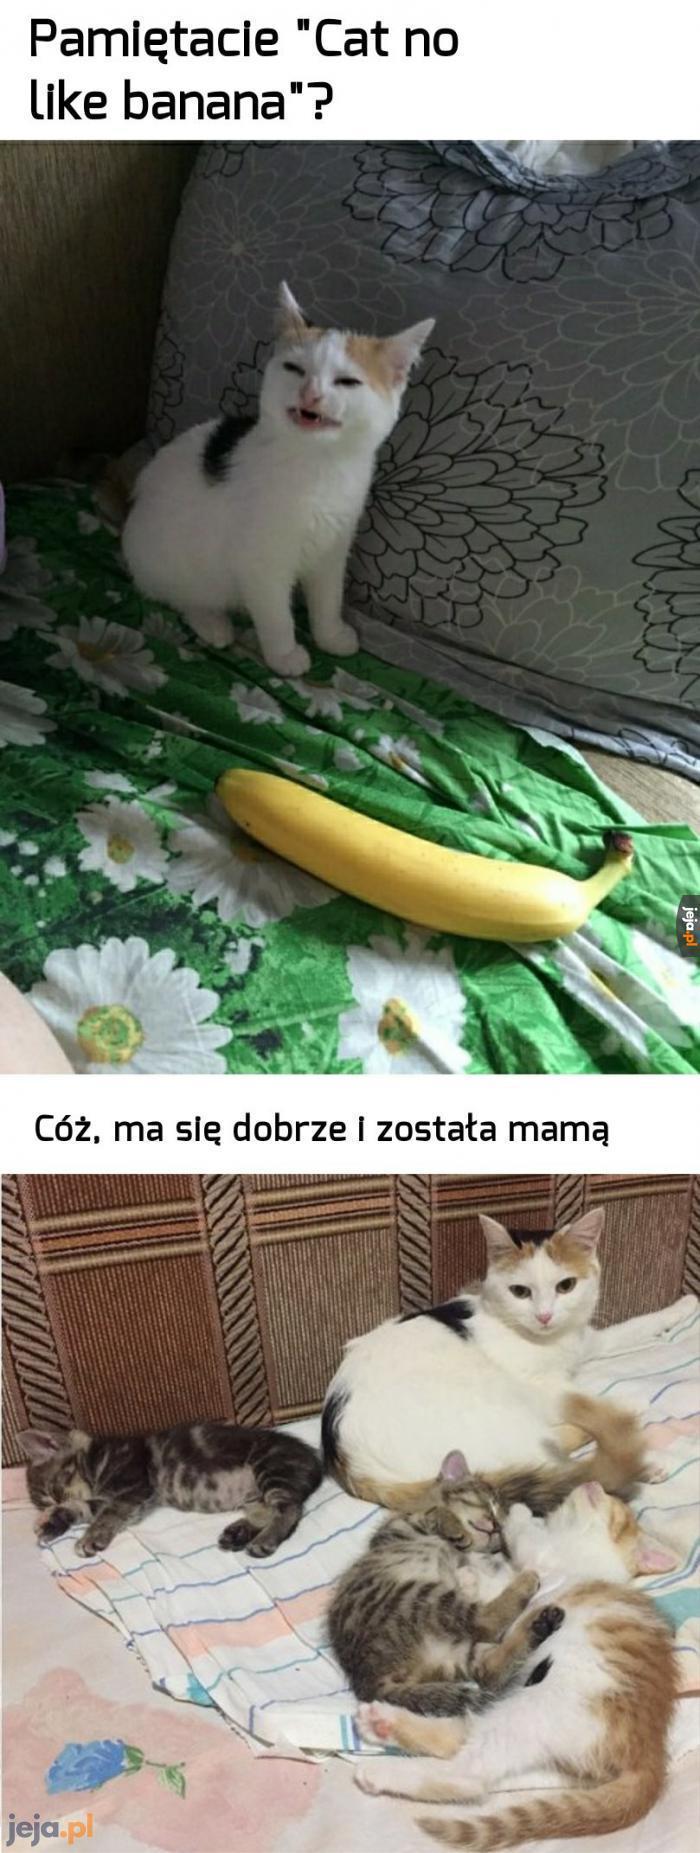 Będzie mogła uczyć swoje dzieci nienawiści do bananów